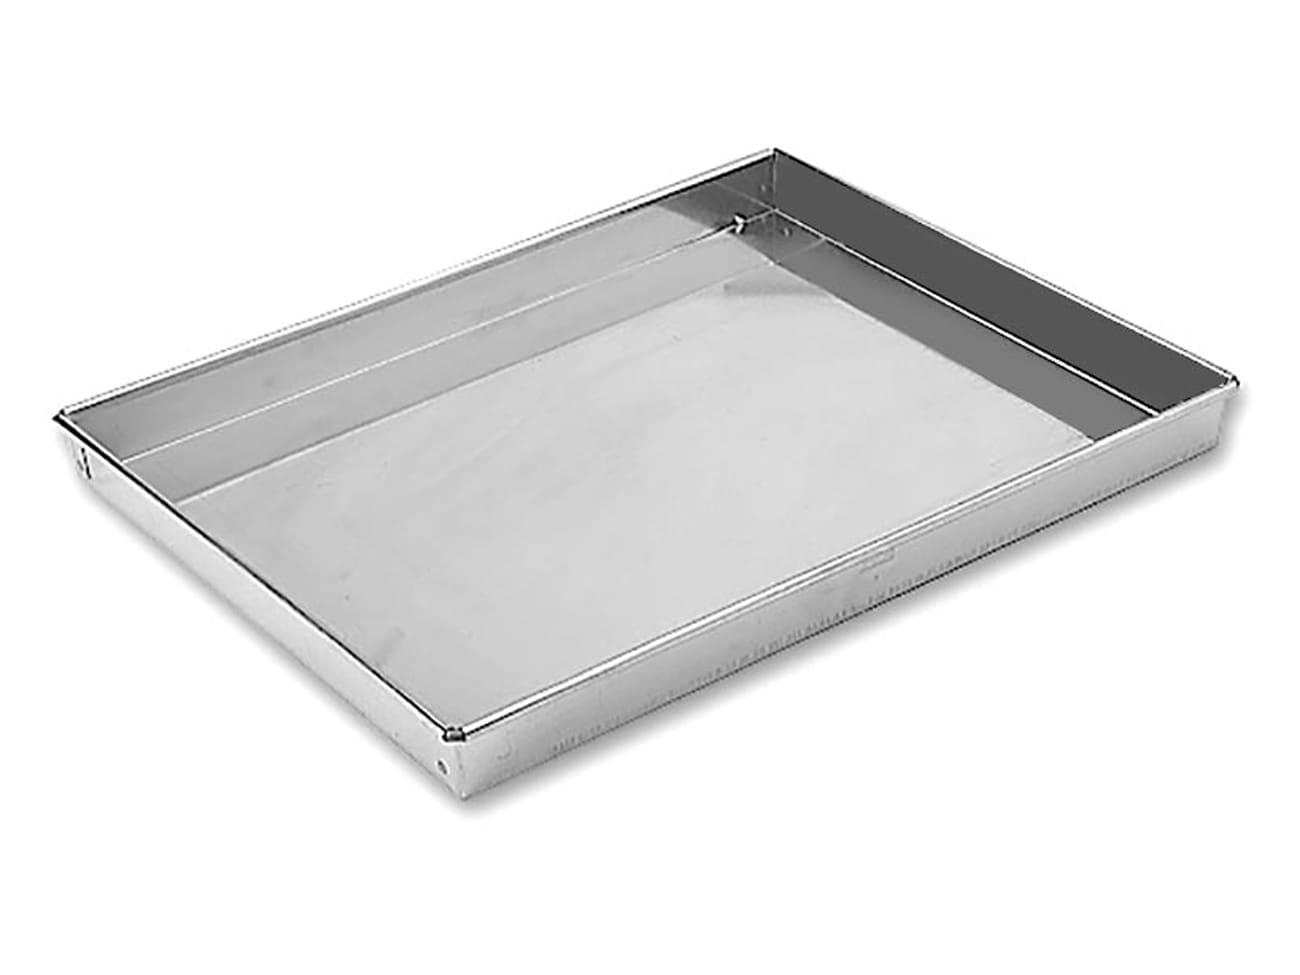 caisse a genoise droite en fer blanc 30 x 20 cm mallard ferriere